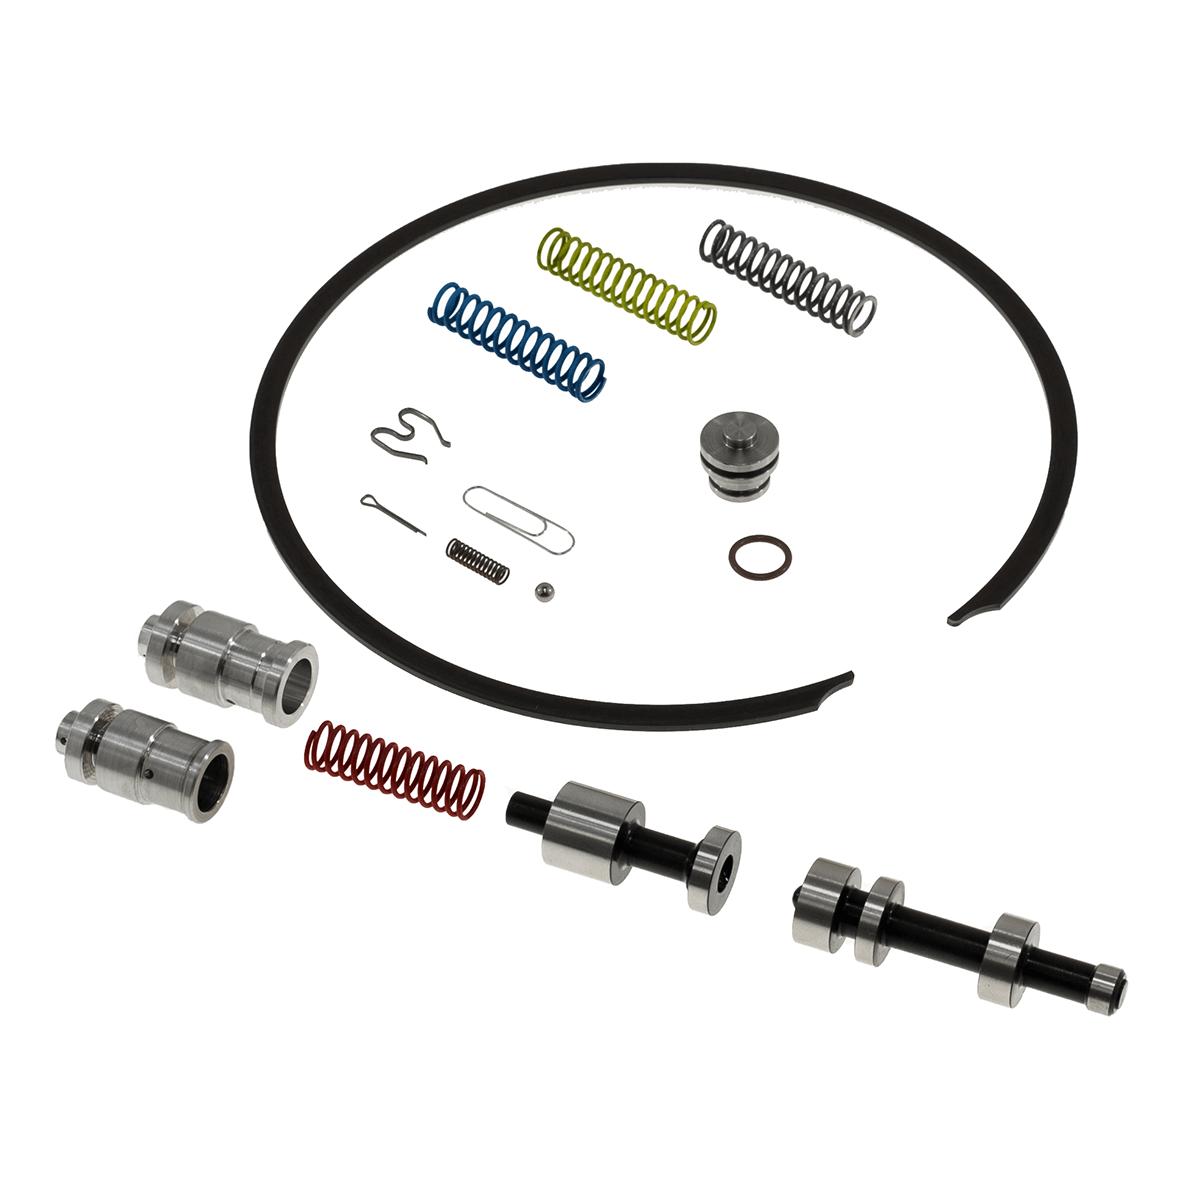 Transgo Sk 5r110w A 5r110w Torque Shift Kit For Ford 5r110w